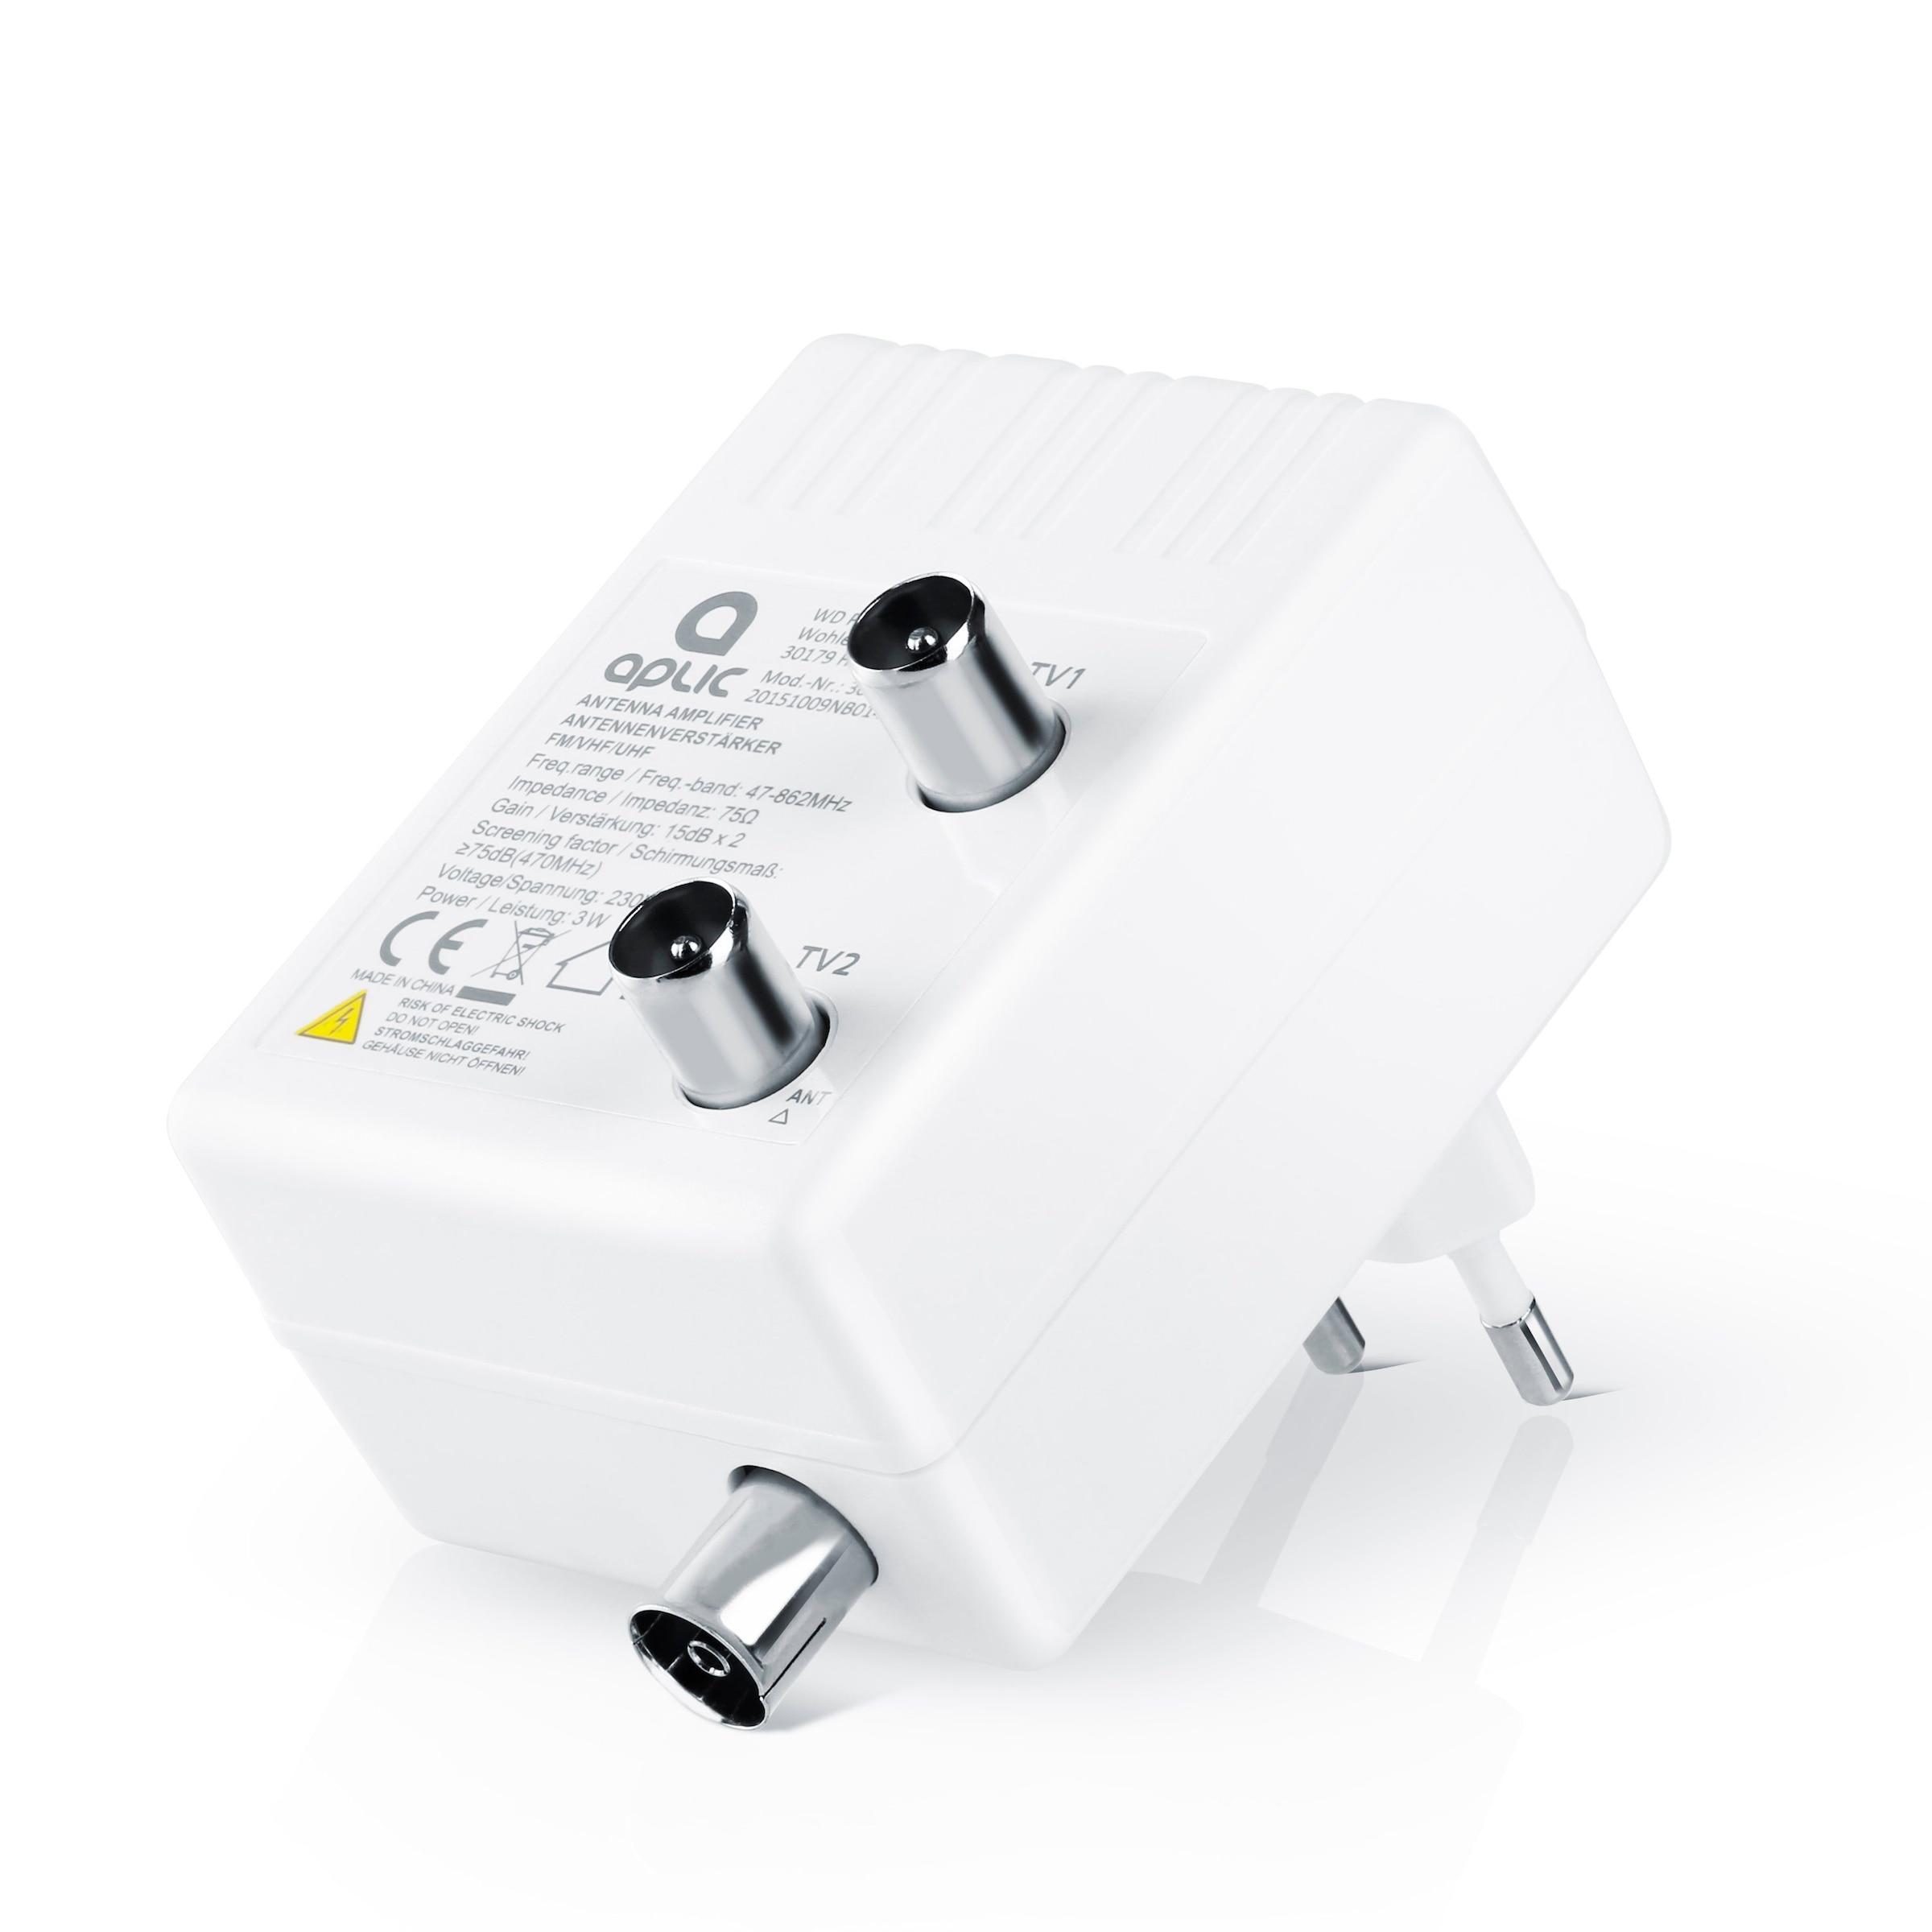 Aplic 3dB DVB-T Antenne passiv Zimmerantenne mit IEC -Stecker Koaxstecker Koax